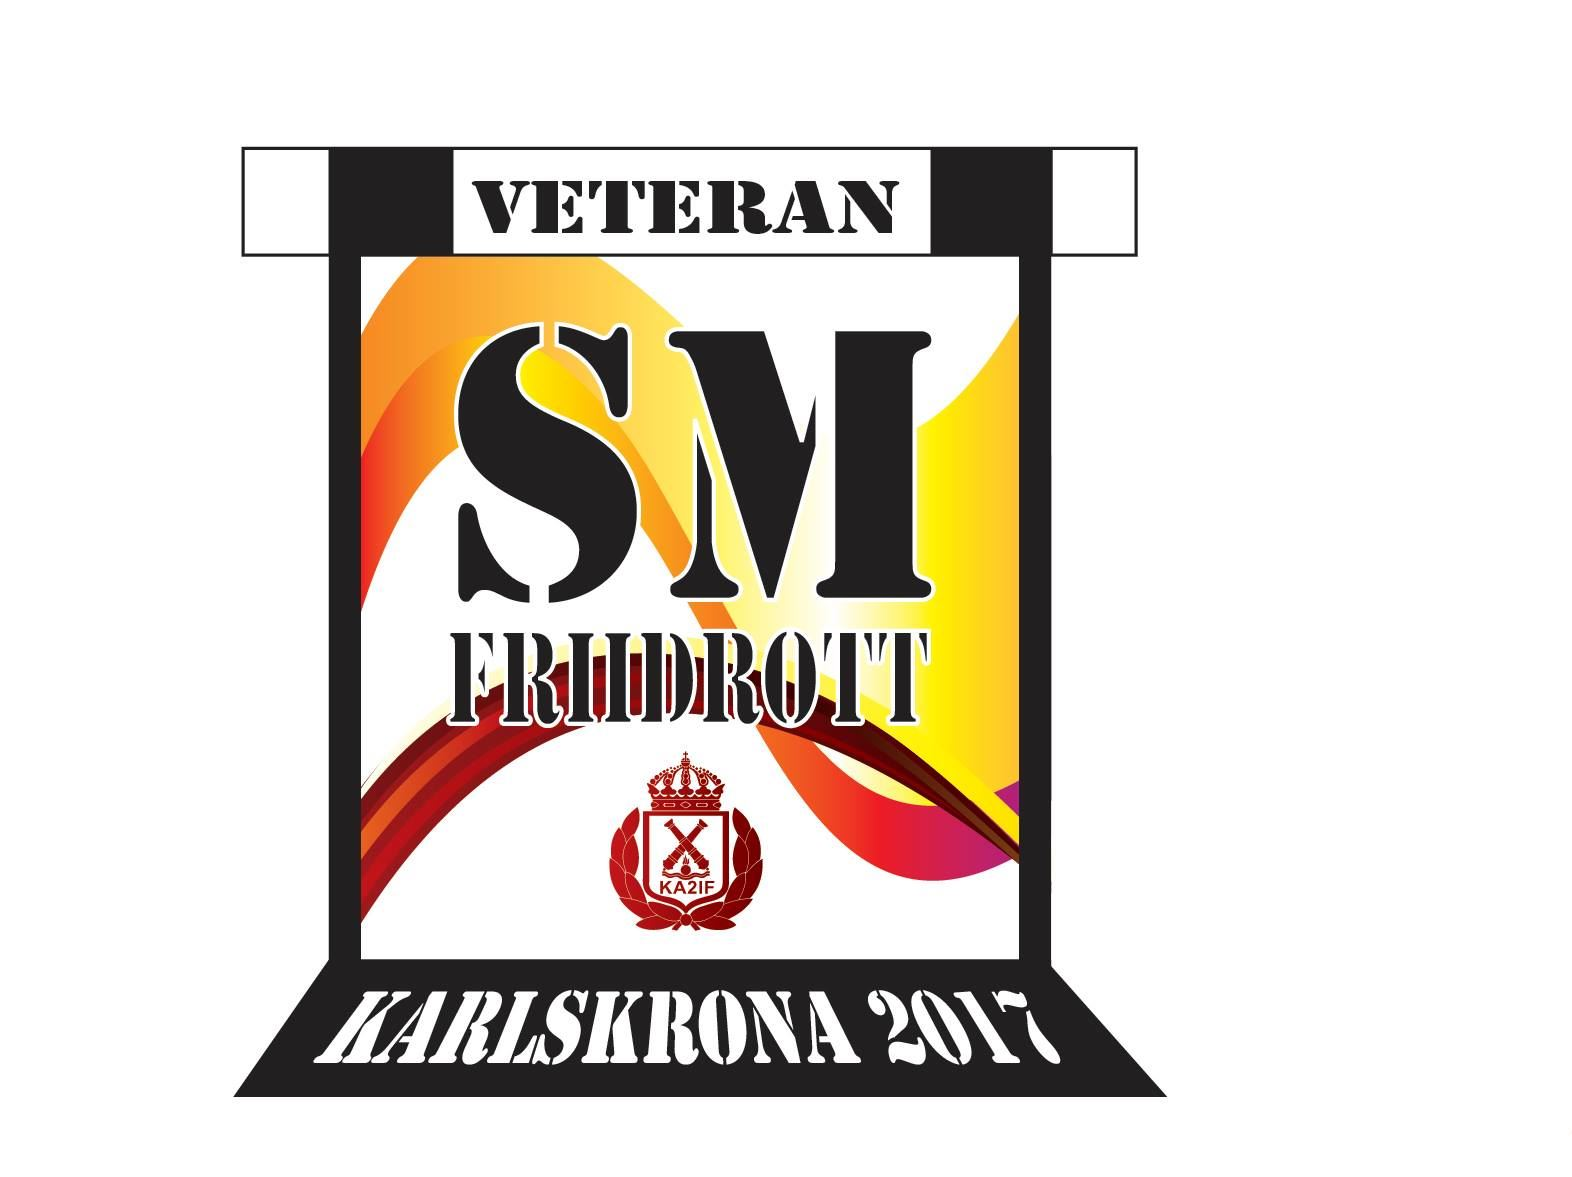 Veteran SM Friidrott Karlskrona